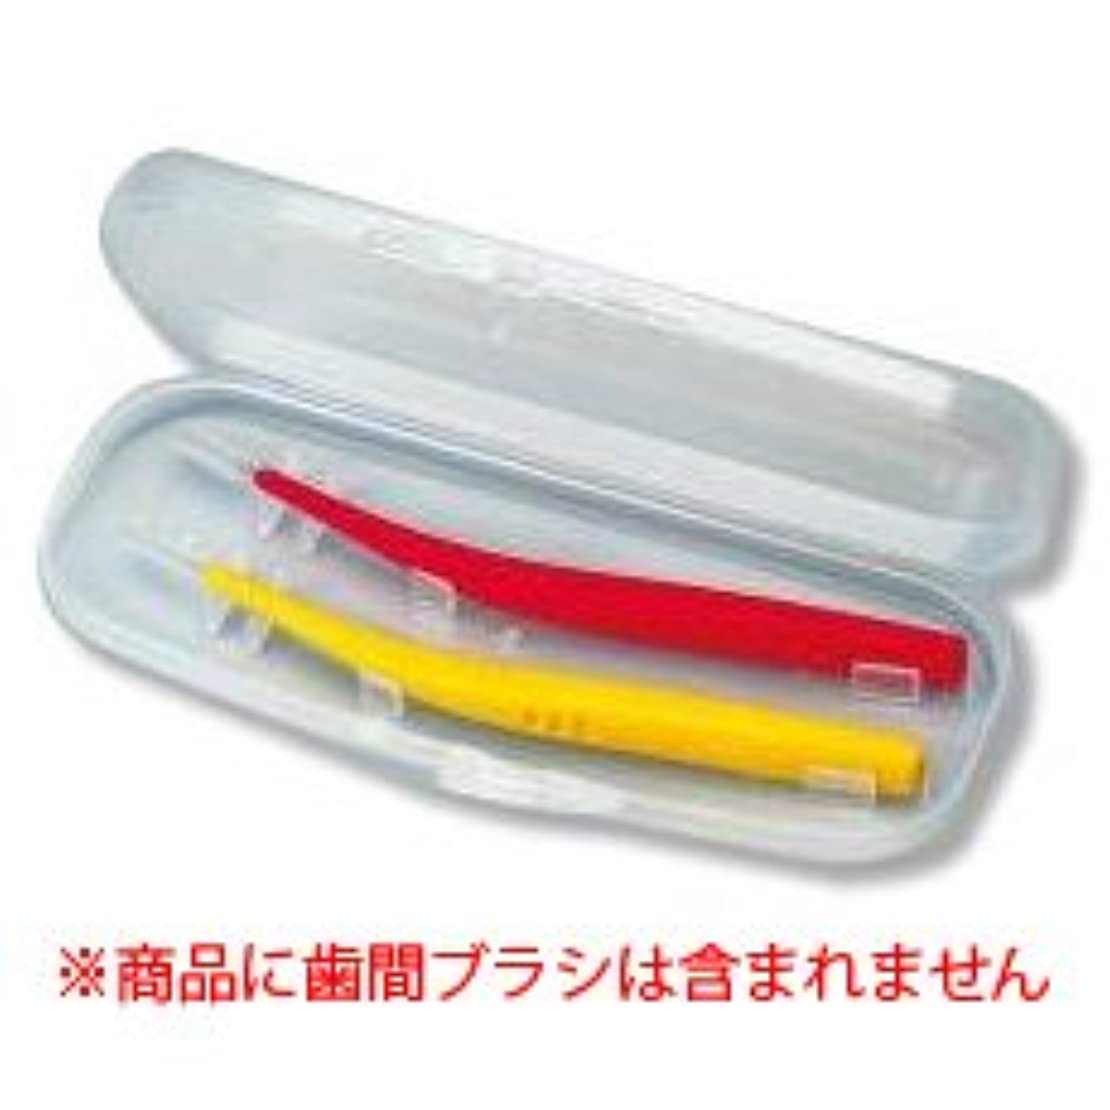 くつろぐ期待してバイアス【ジーシー(GC)】【歯科用】プロスペック歯間ブラシ カーブ ケース 10パック【歯間ブラシケース】